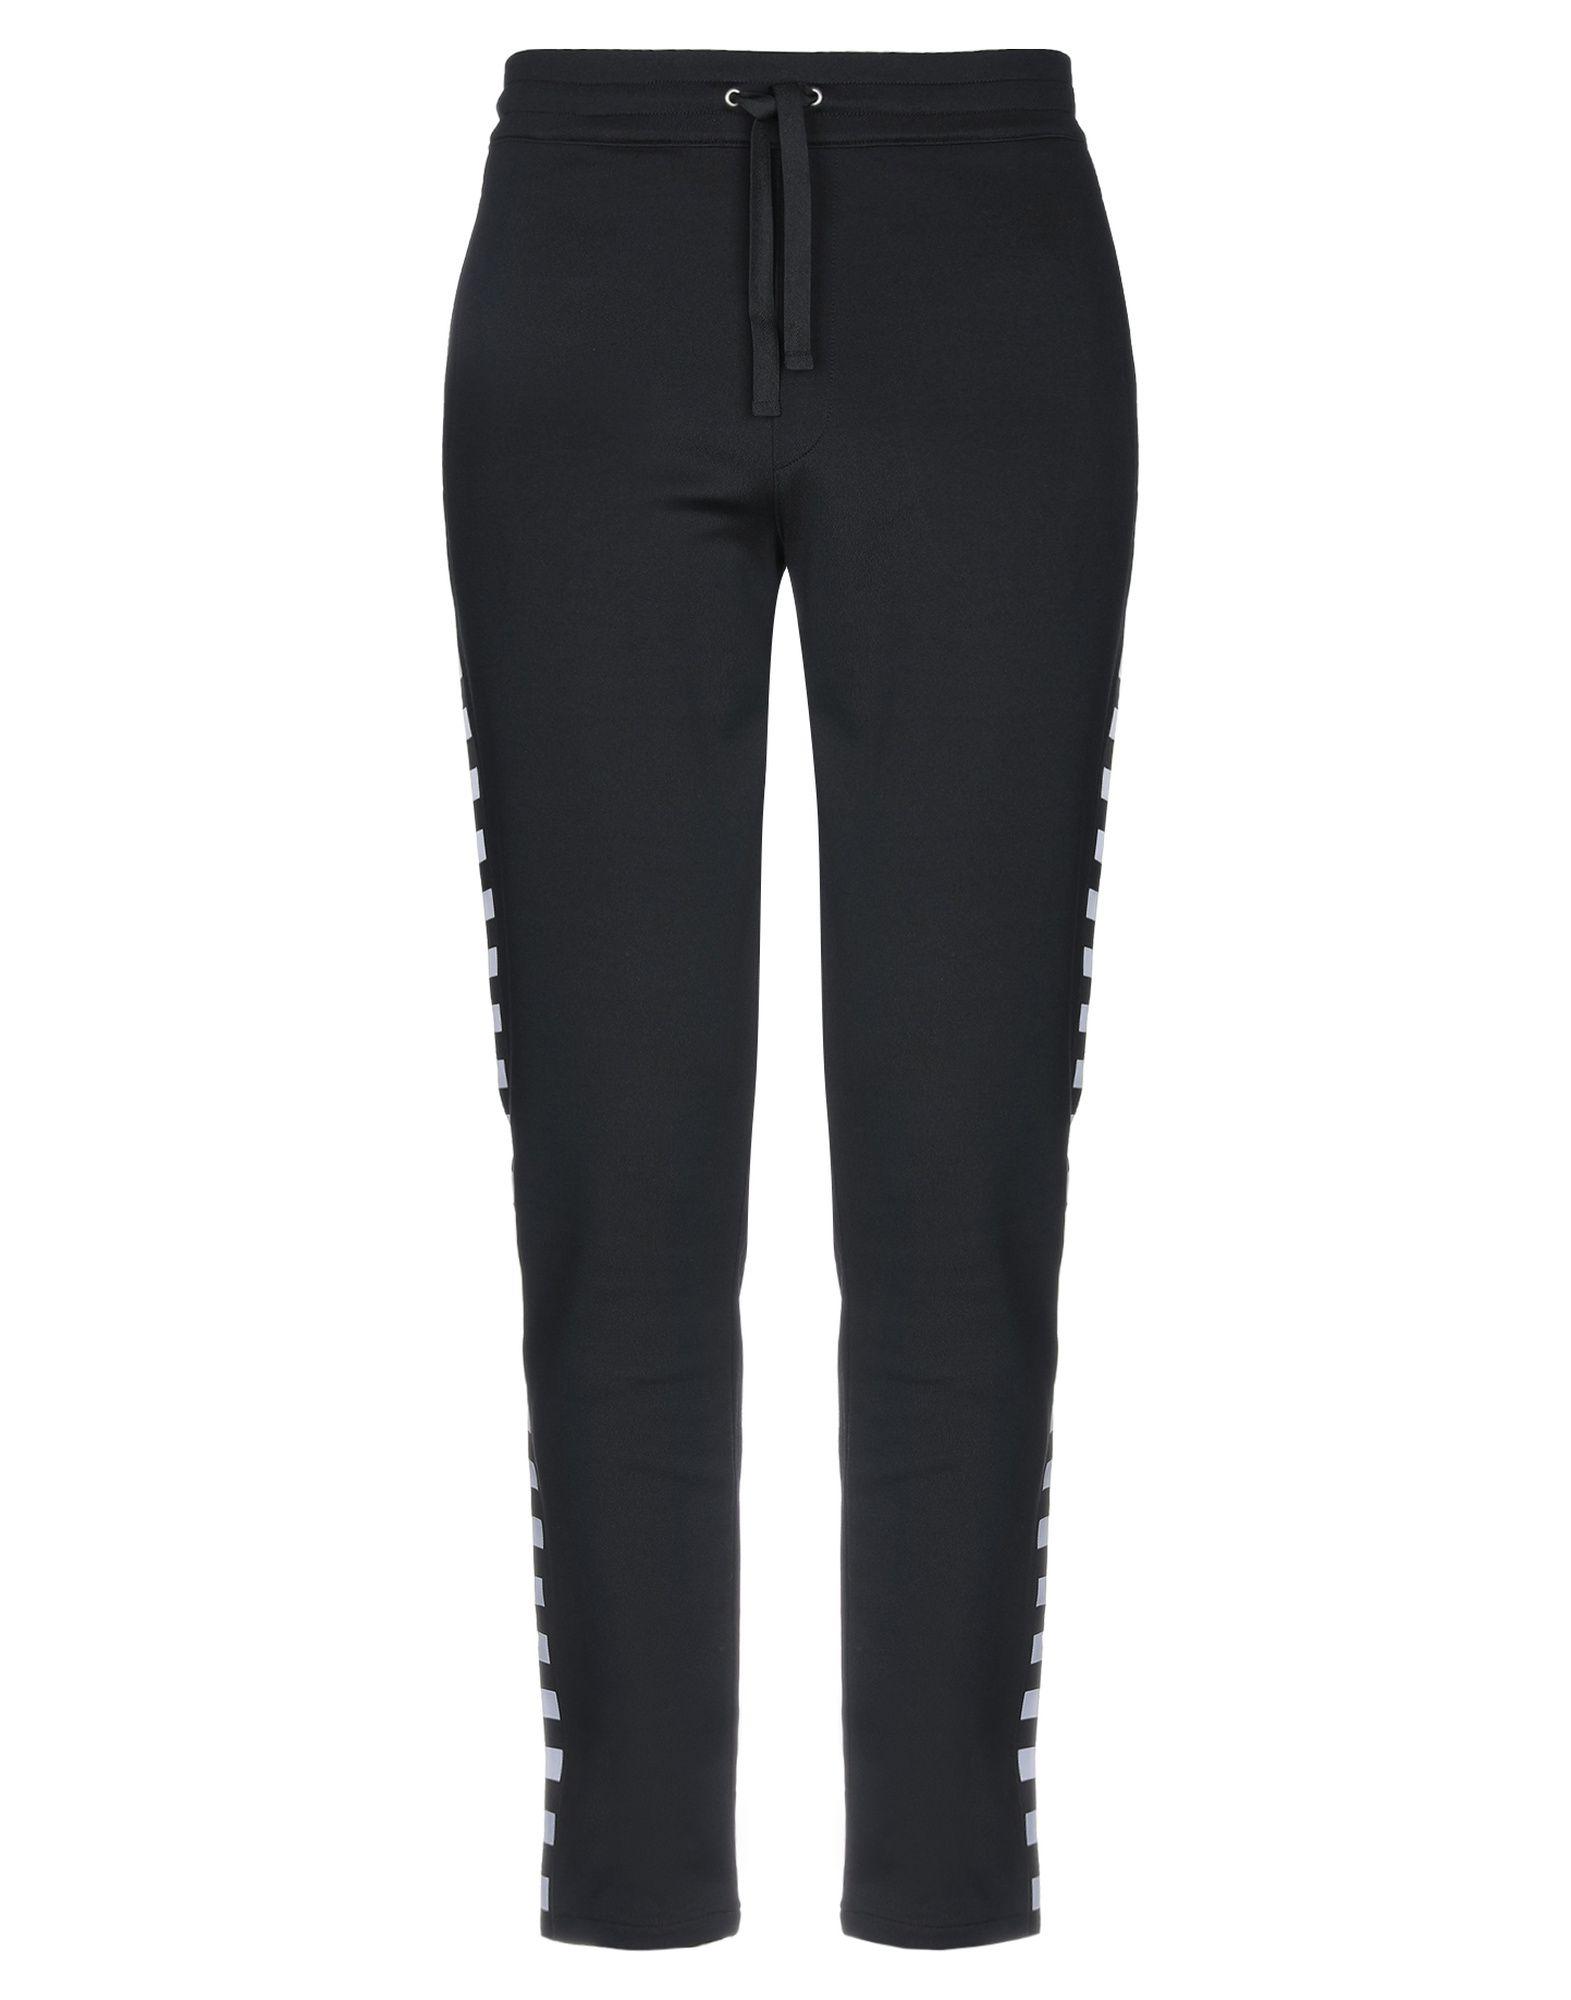 Pantalone Pantalone  ersus  ersace uomo - 13350381HH  Finden Sie hier Ihren Favoriten